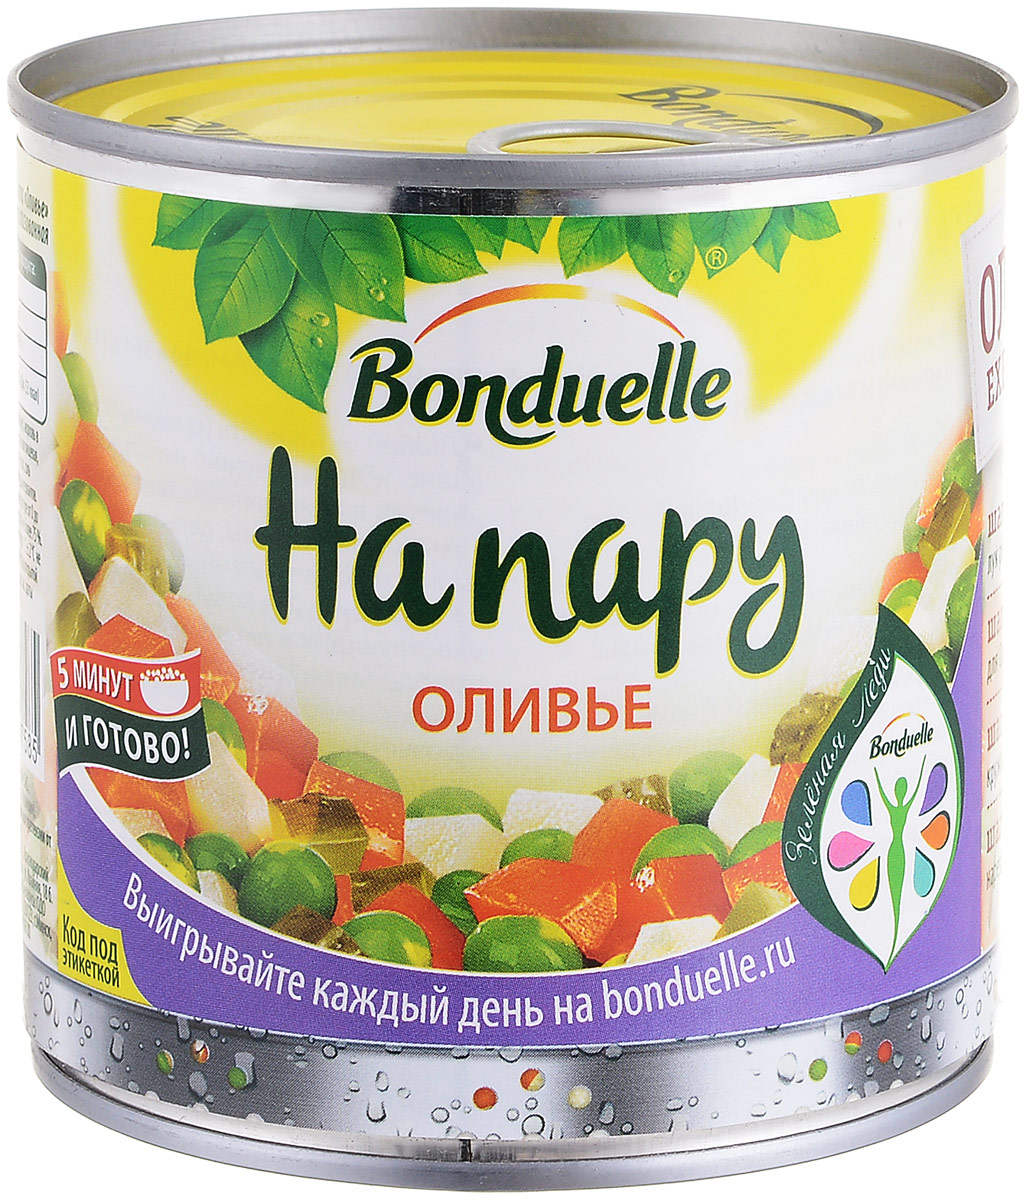 Bonduelle оливье На пару, 310 г0120710Овощная смесь для салата Оливье от компании Bonduelle - это совершенно особенные продукты, уникальные для консервации.Чтобы полностью сохранить вкус, аромат и полезные свойства овощей, применен ускоренный нагрев и обработка паром под высоким давлением. В итоге - более хрустящие овощи и в 3 раза меньше заливки!Уважаемые клиенты! Обращаем ваше внимание, что полный перечень состава продукта представлен на дополнительном изображении.